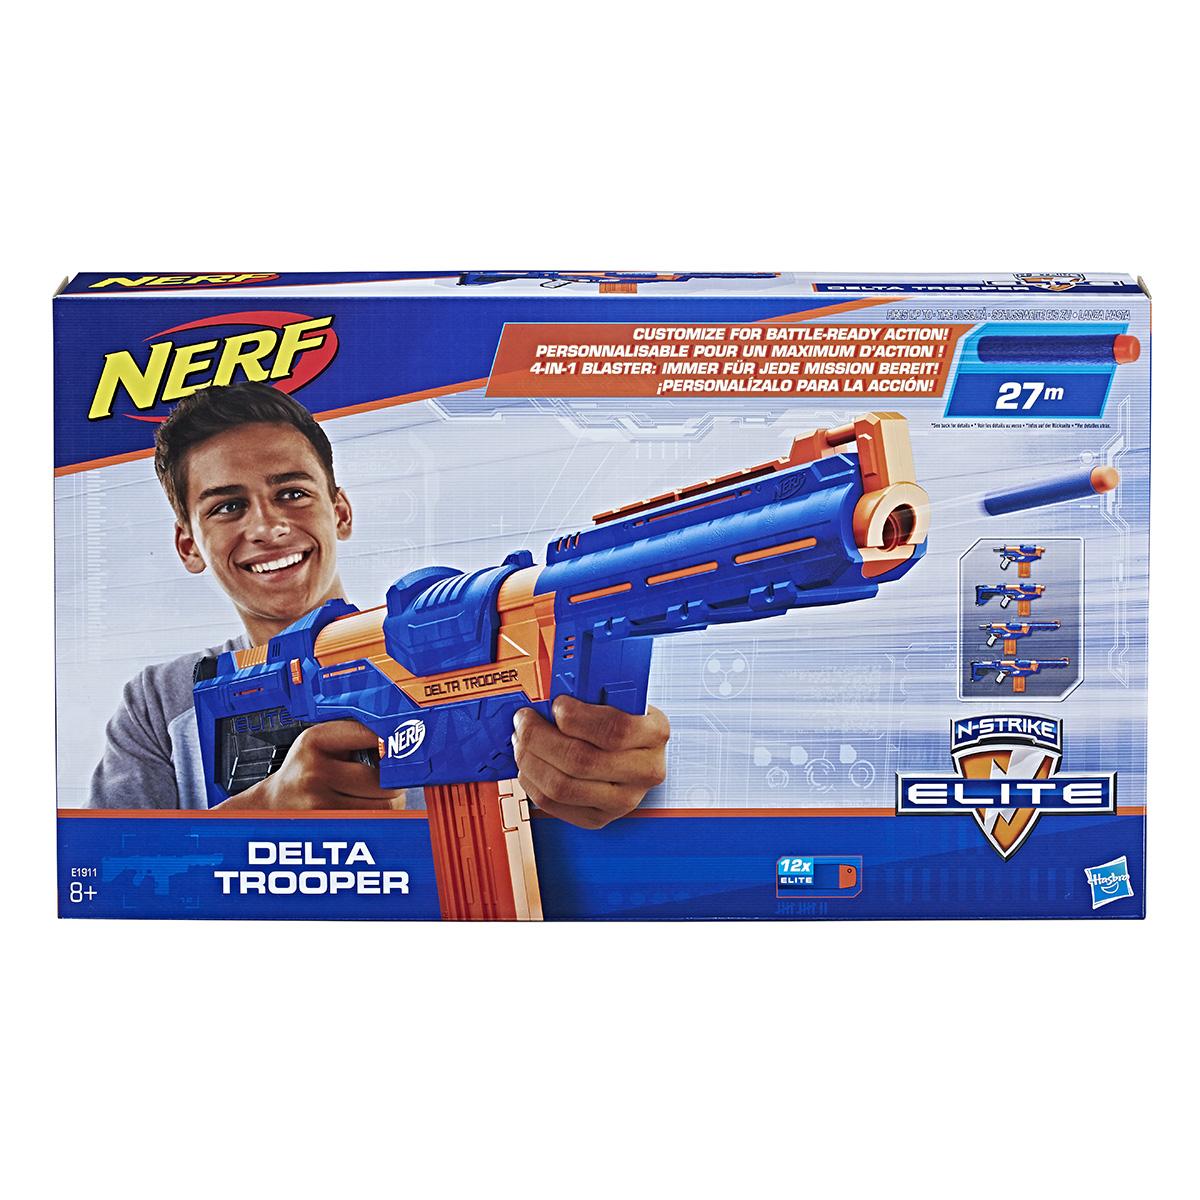 Nerf blaster - Nstrike Delta Trooper